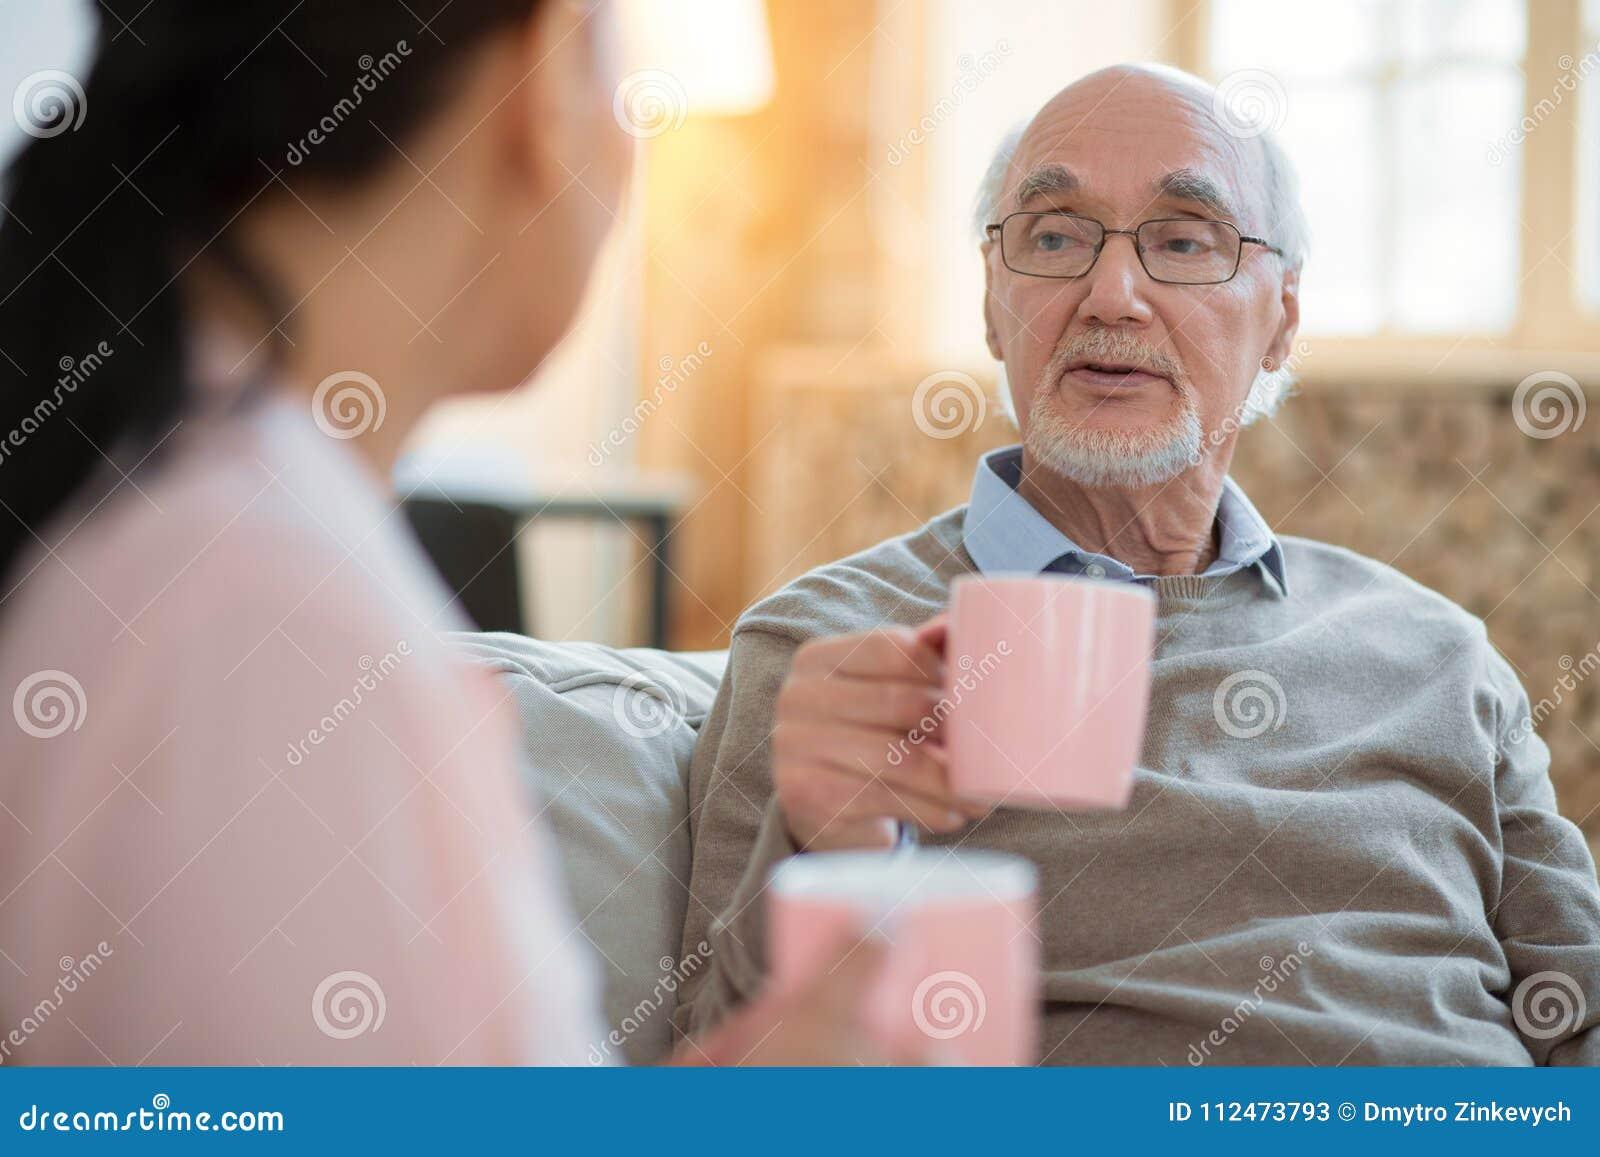 Pflegekraft und reizend älterer Mann, die Erfahrung austauschen